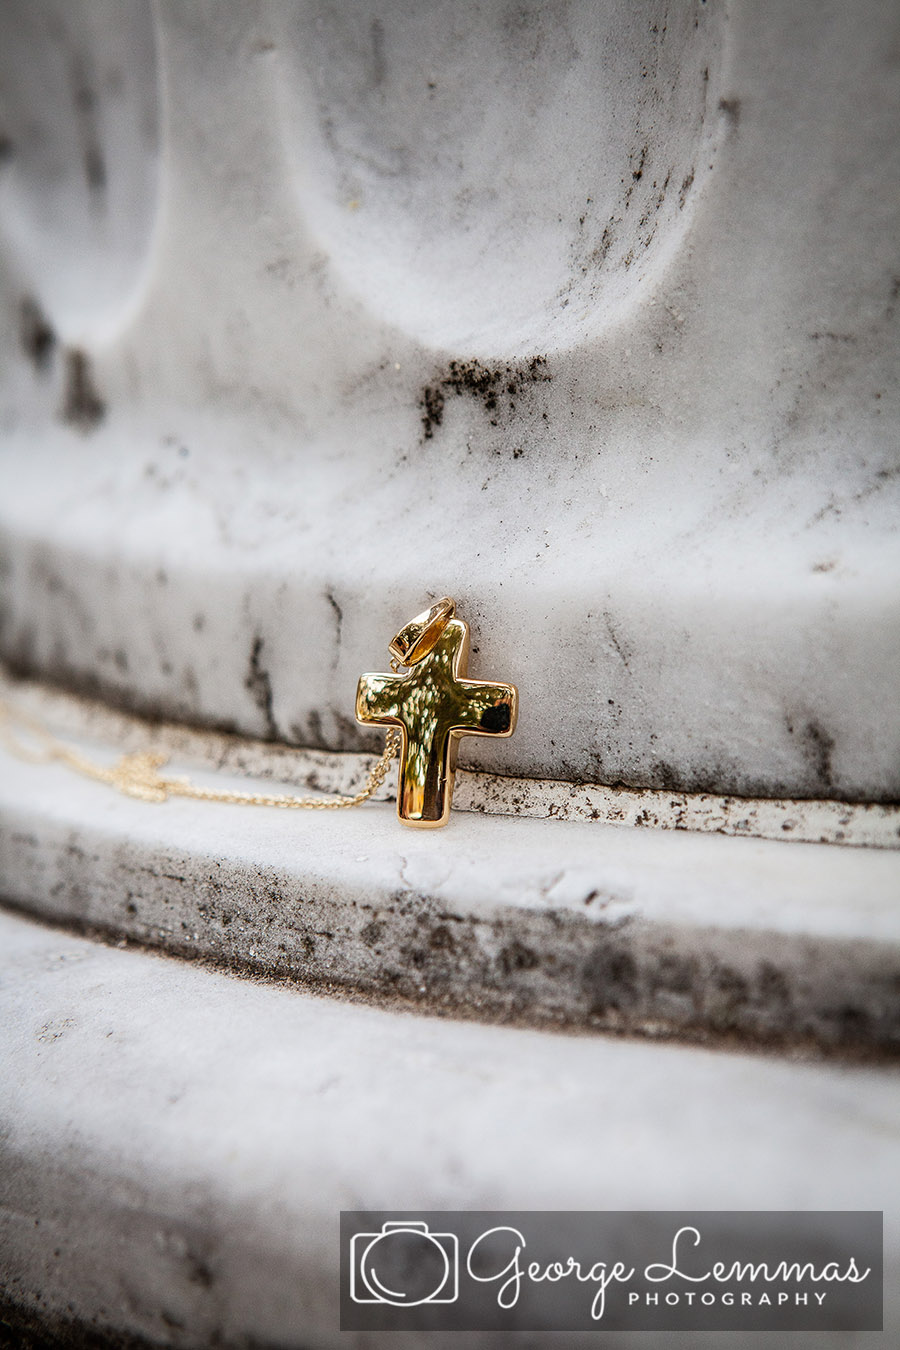 Φωτογραφια Βαπτισης Βολος Πηλιο Σκιαθος Σκοπελος Αλλονησος, Πρωτο βραβειο φωτογραφιας, φωτογραφος Γαμου βαπτισης Βολος Φωτογραφηση Βιντεοσκοπηση Βαπτισης